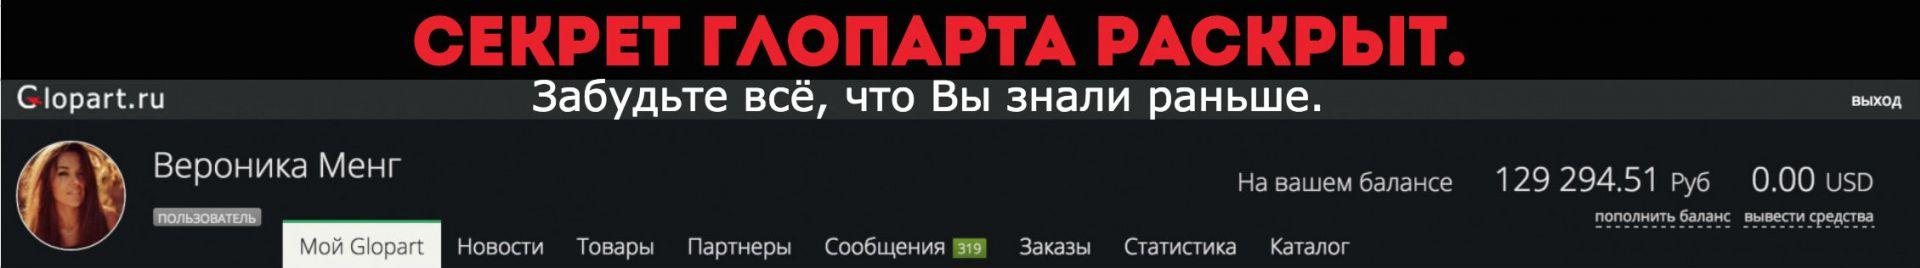 http://u4.platformalp.ru/c2964caac096f26db222cb325aa267cb/79cf6573d9145b25547befb5d913d294.jpg